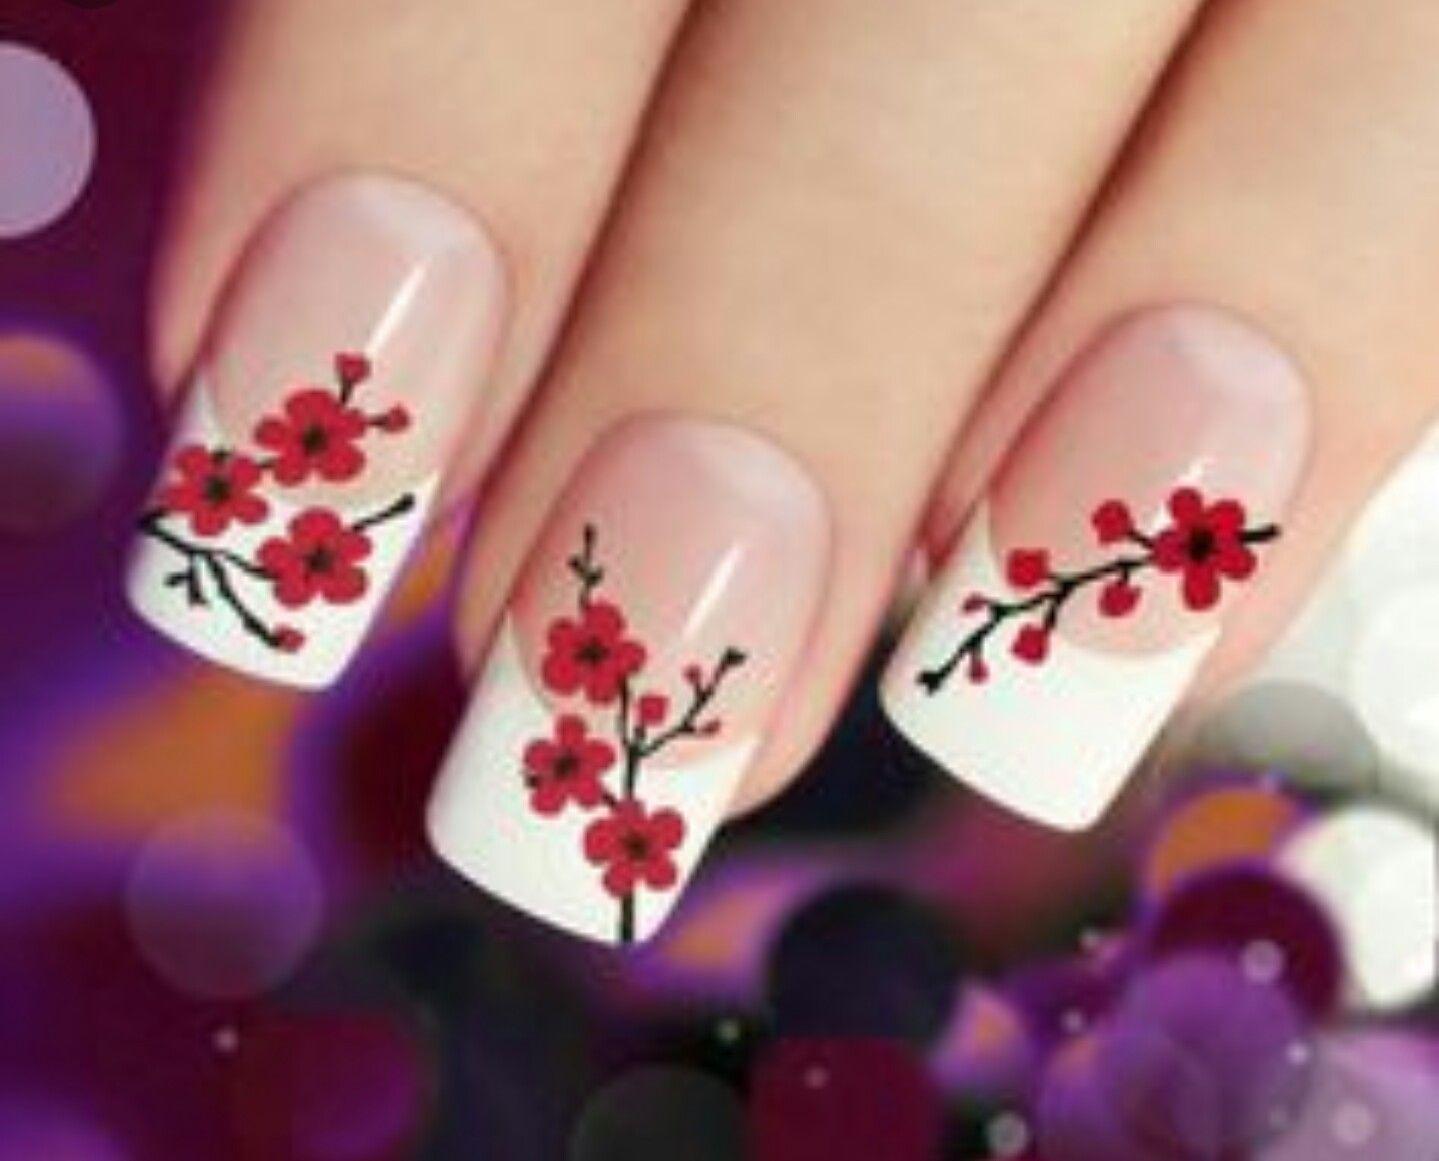 Pin von G auf Nails | Pinterest | Nageldesign und Nagelschere